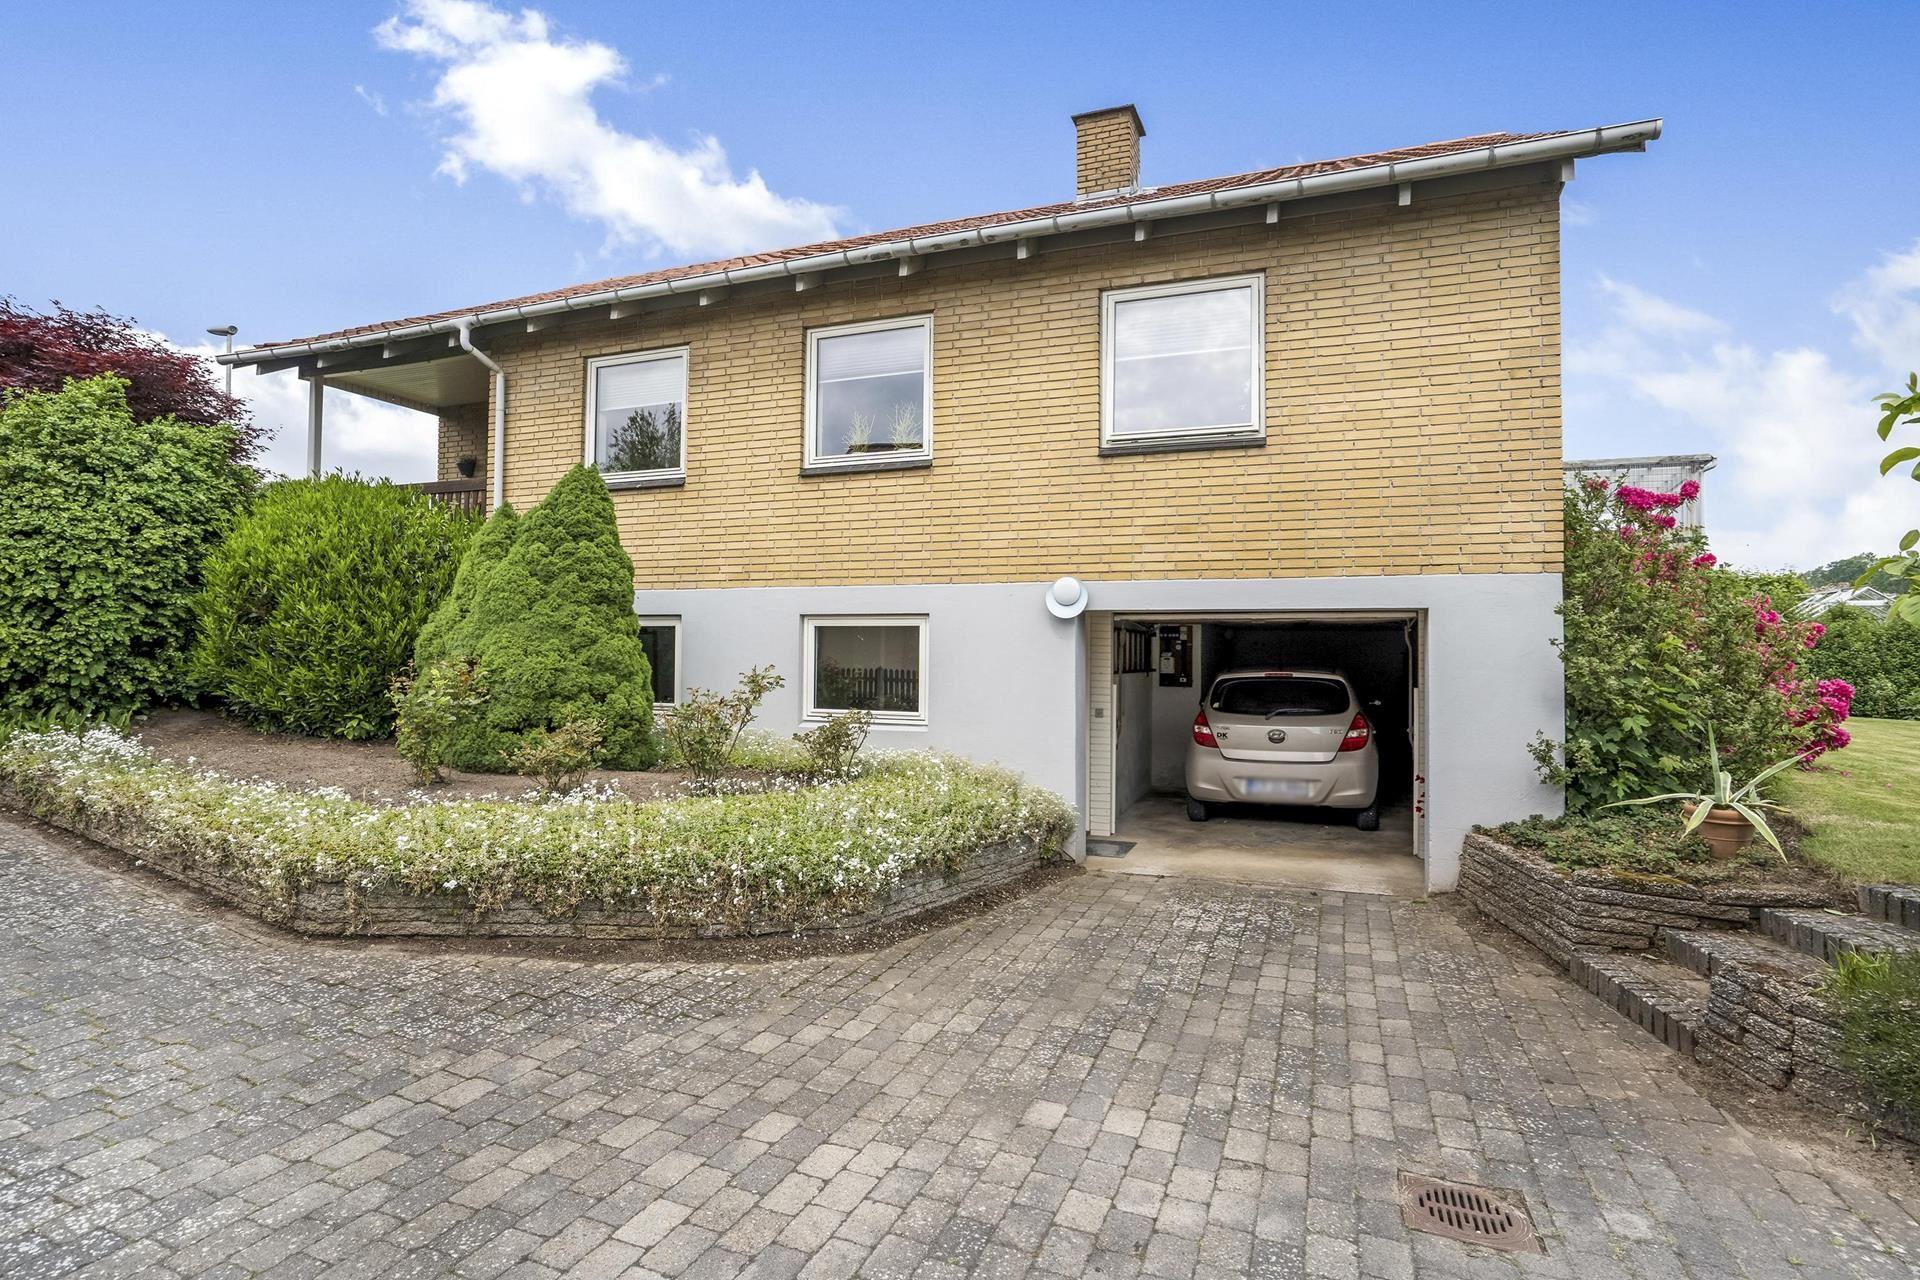 Tøndervej 4, Hvinningdal, 8600 Silkeborg